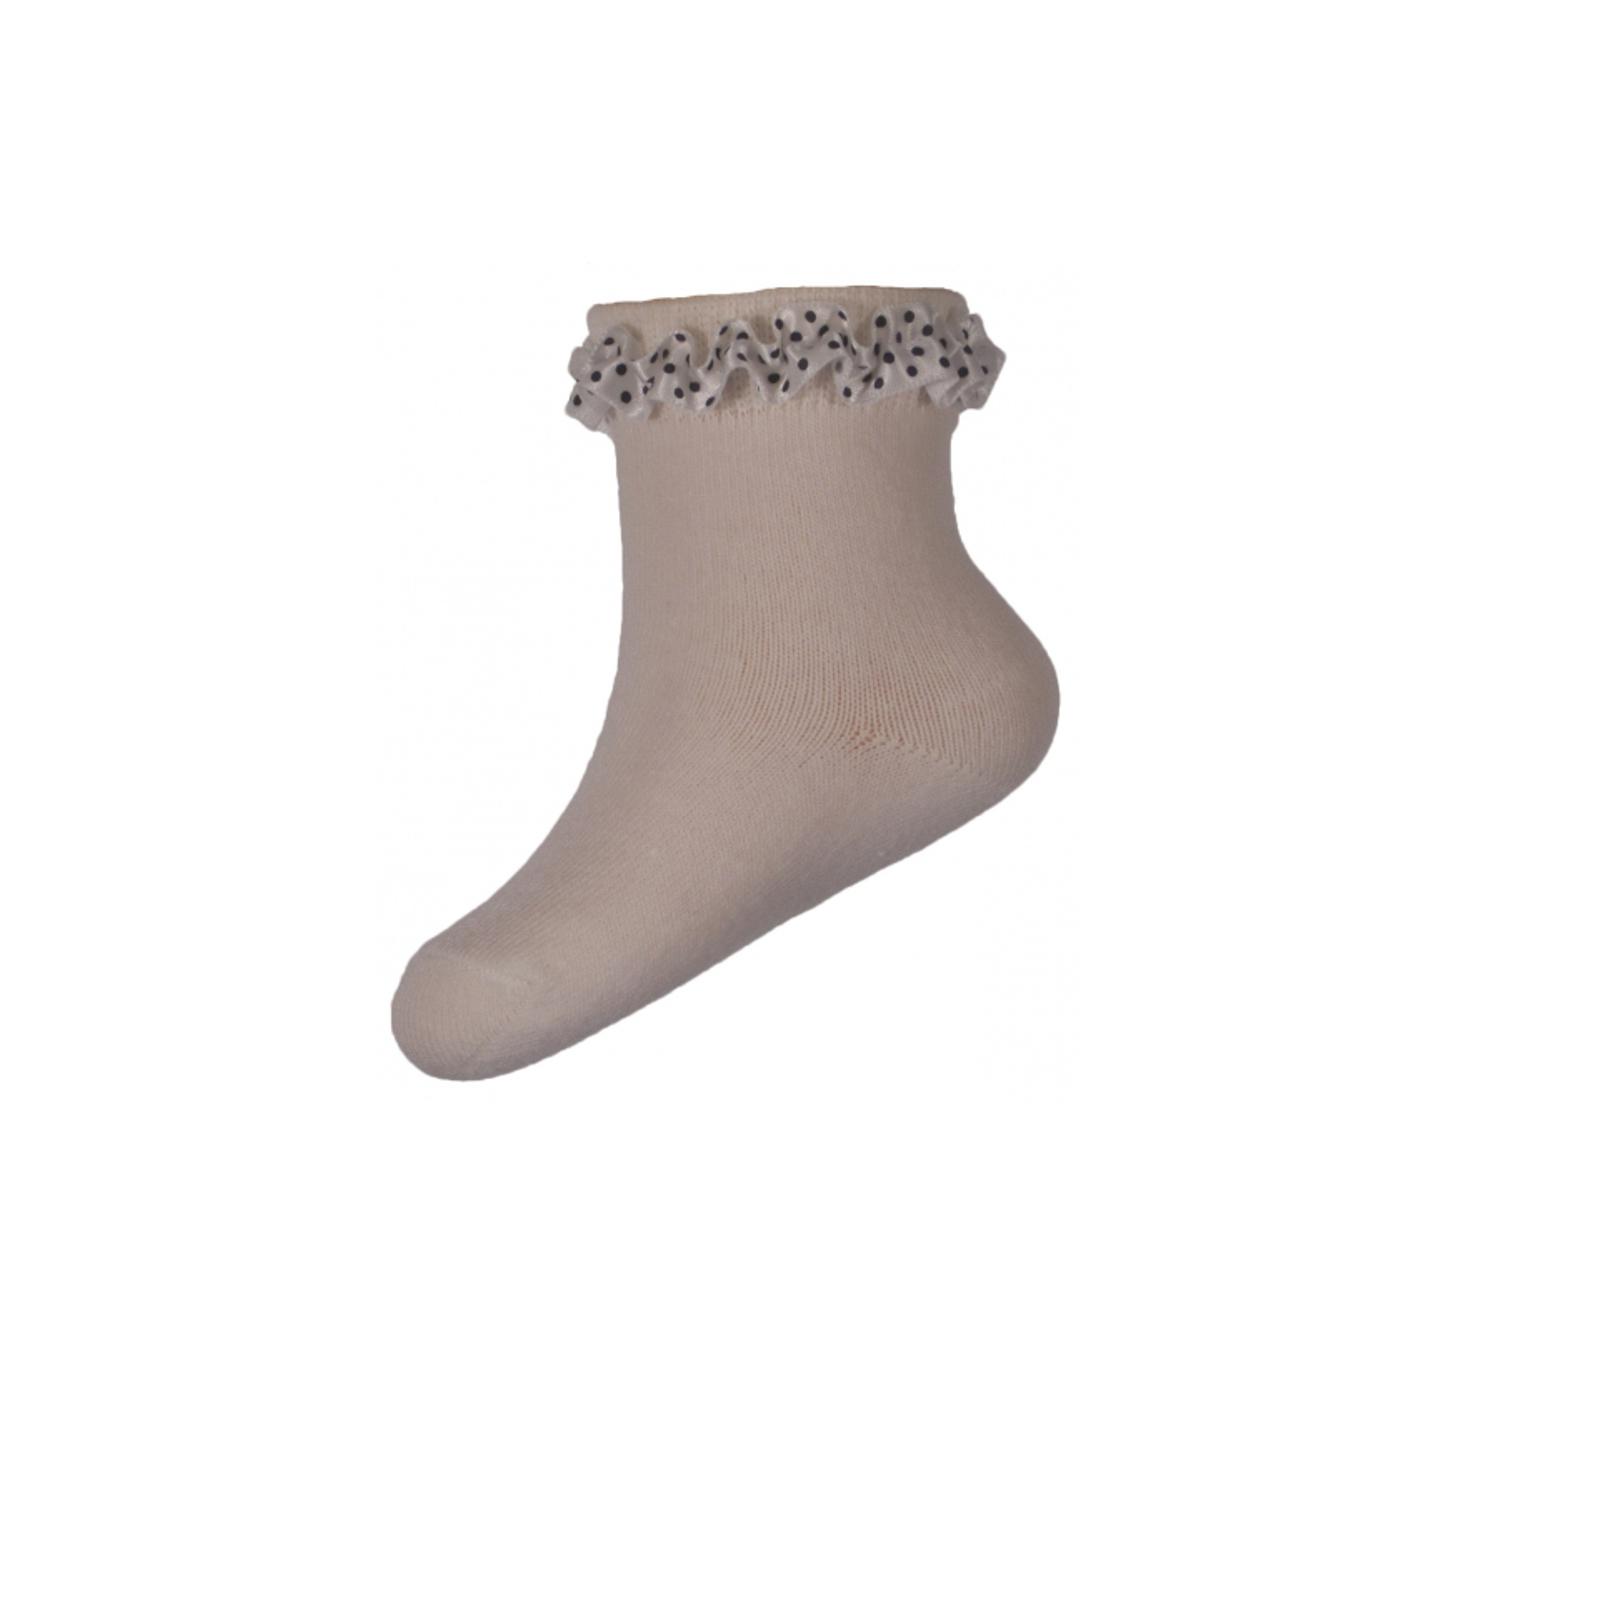 Носки Milusie модель 59 с кружевной лентой размер 7-8